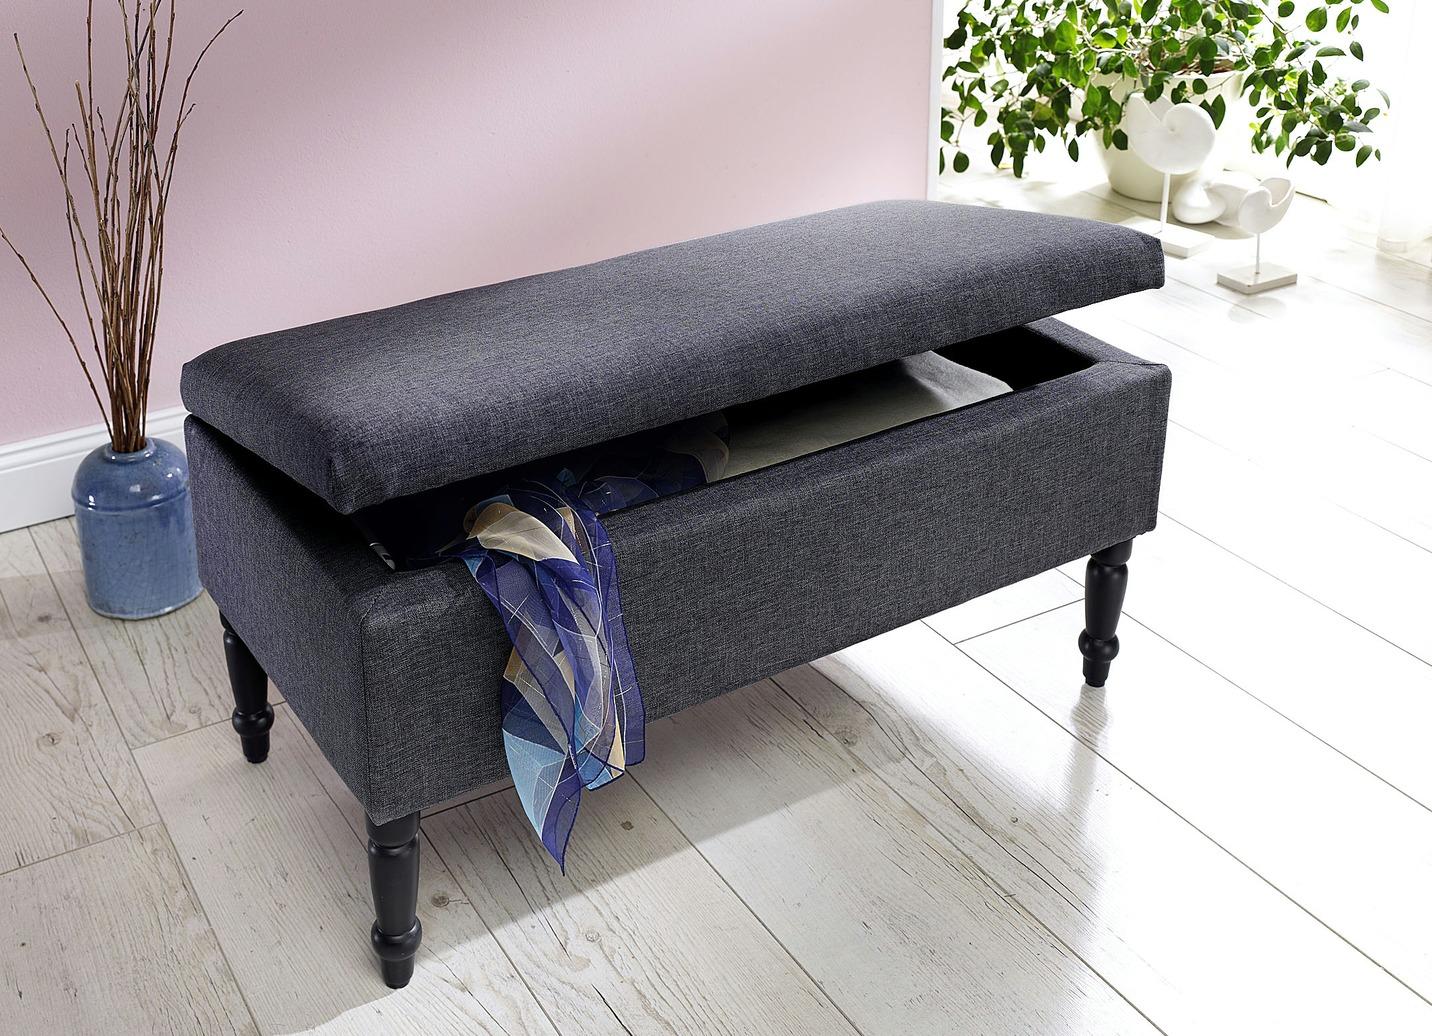 truhenbank mit viel stauraum schlafzimmer brigitte hachenburg. Black Bedroom Furniture Sets. Home Design Ideas